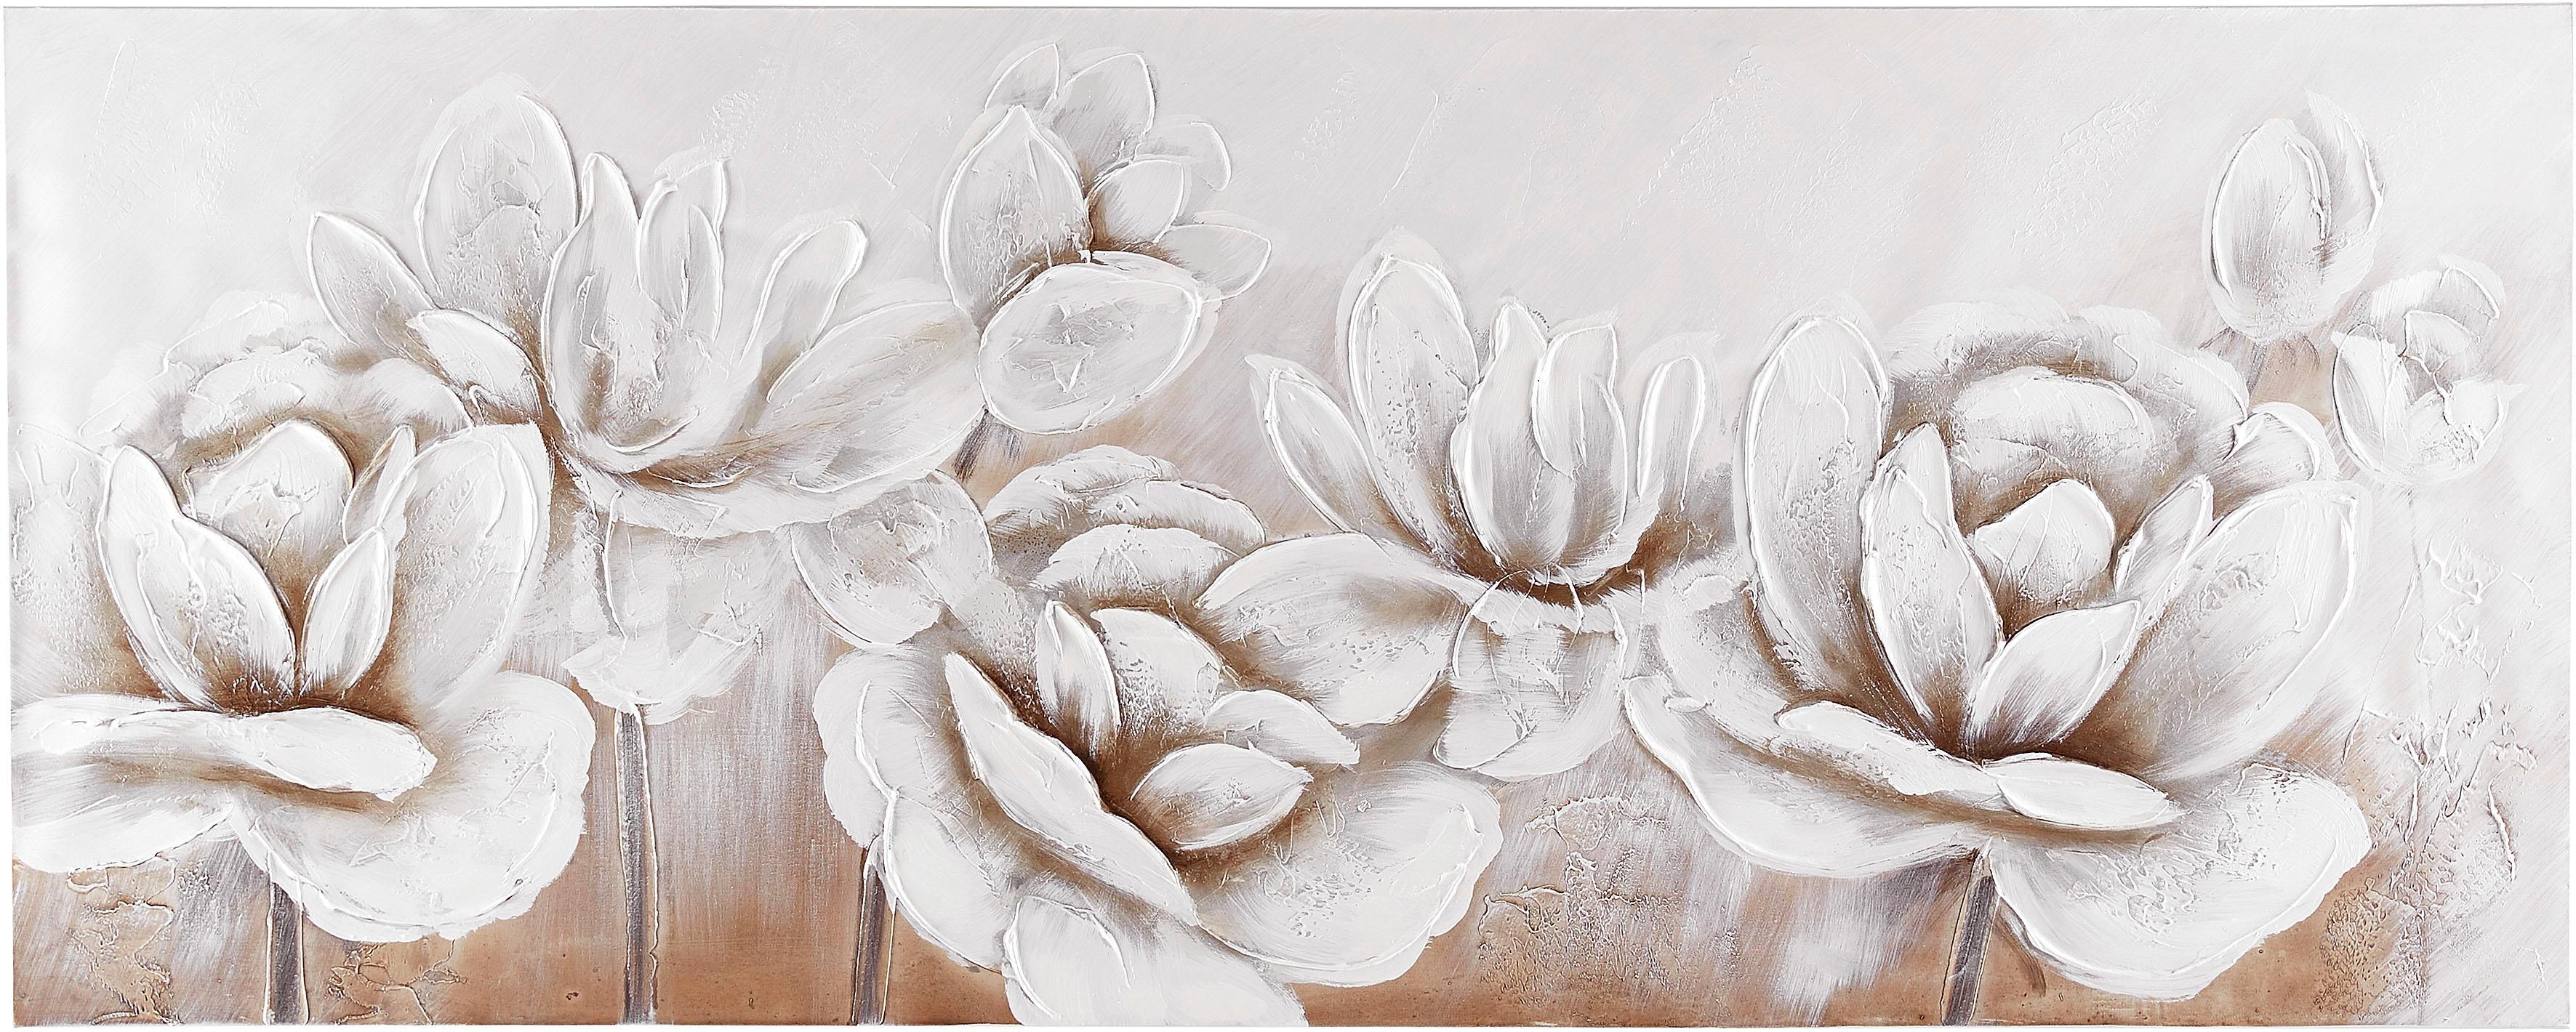 Premium collection by Home affaire Gemälde Flowers Wohnen/Accessoires & Leuchten/Wohnaccessoires/Bilder & Bilderrahmen/Gemälde